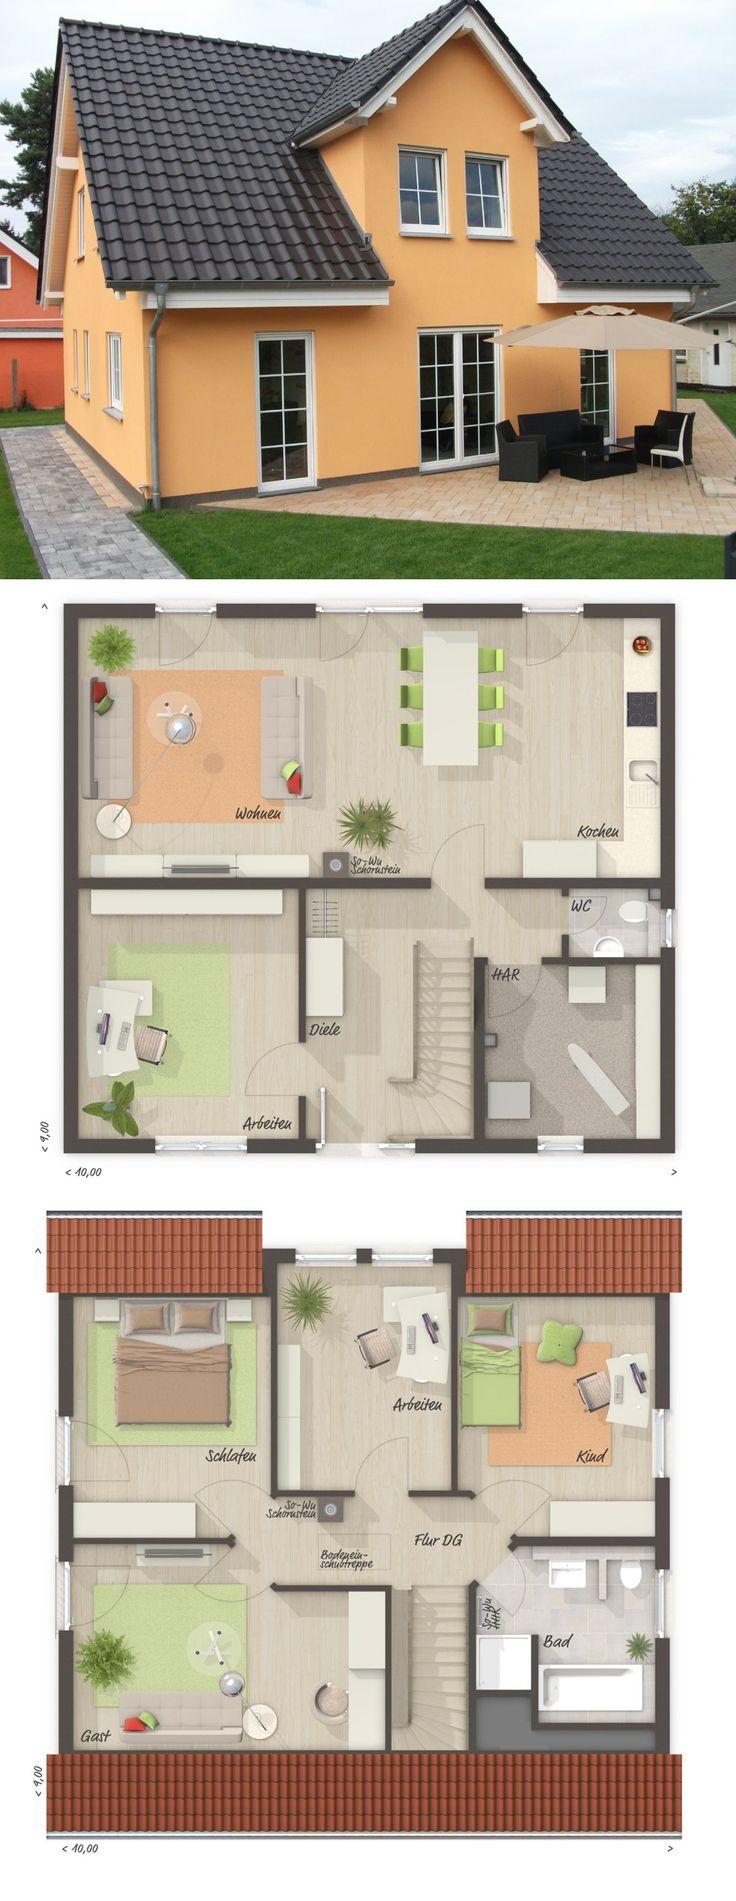 Massivhaus mit Satteldach Architektur & Zwerchgieb…